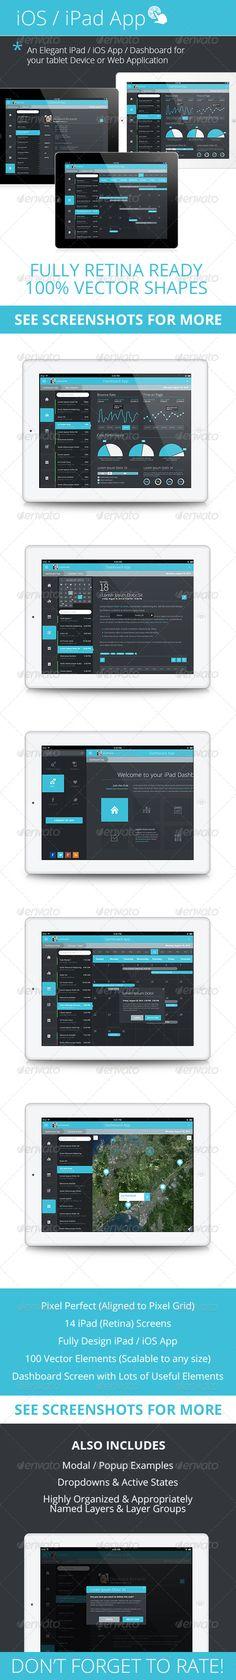 Flat iPad - iOS - Tablet App & Dashboard